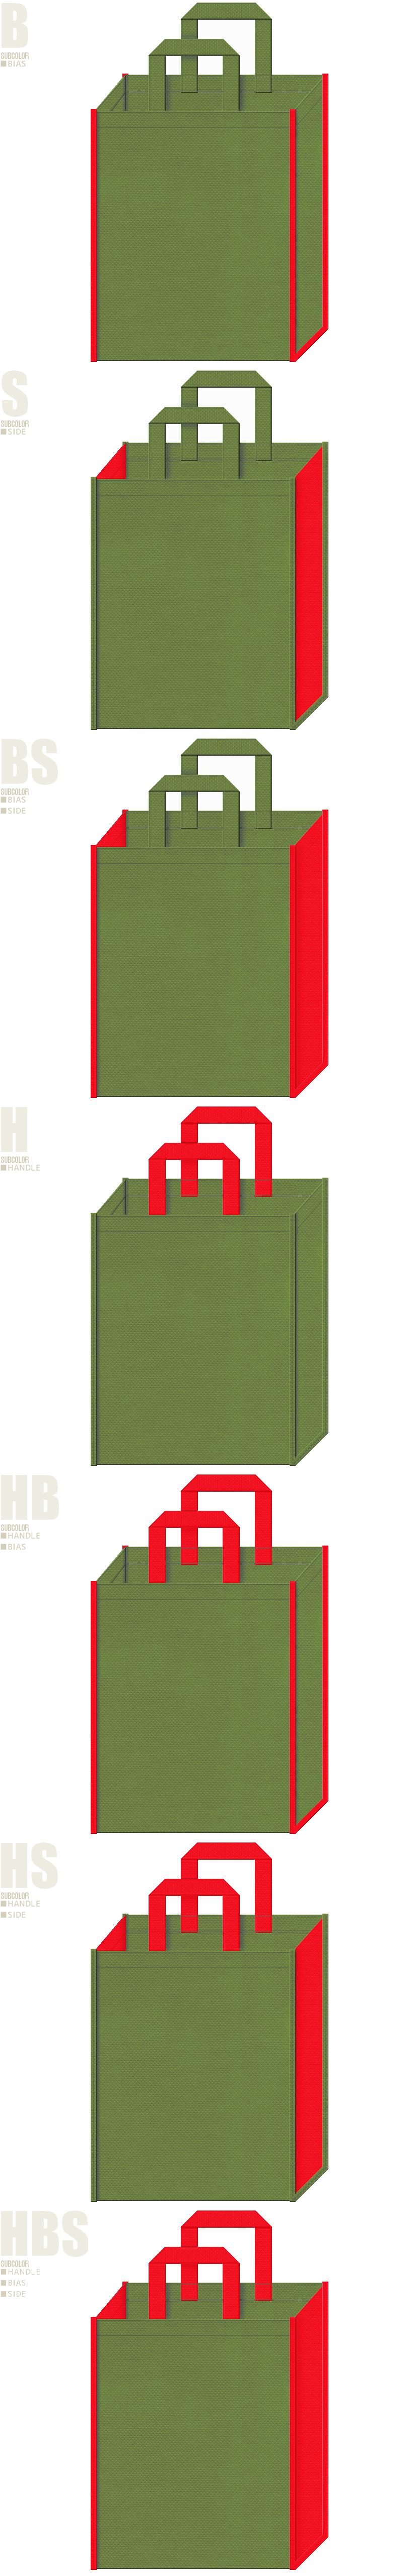 野点傘・番傘・茶会・和風庭園・和風催事にお奨めの不織布バッグデザイン:草色と赤色の不織布バッグ配色7パターン。